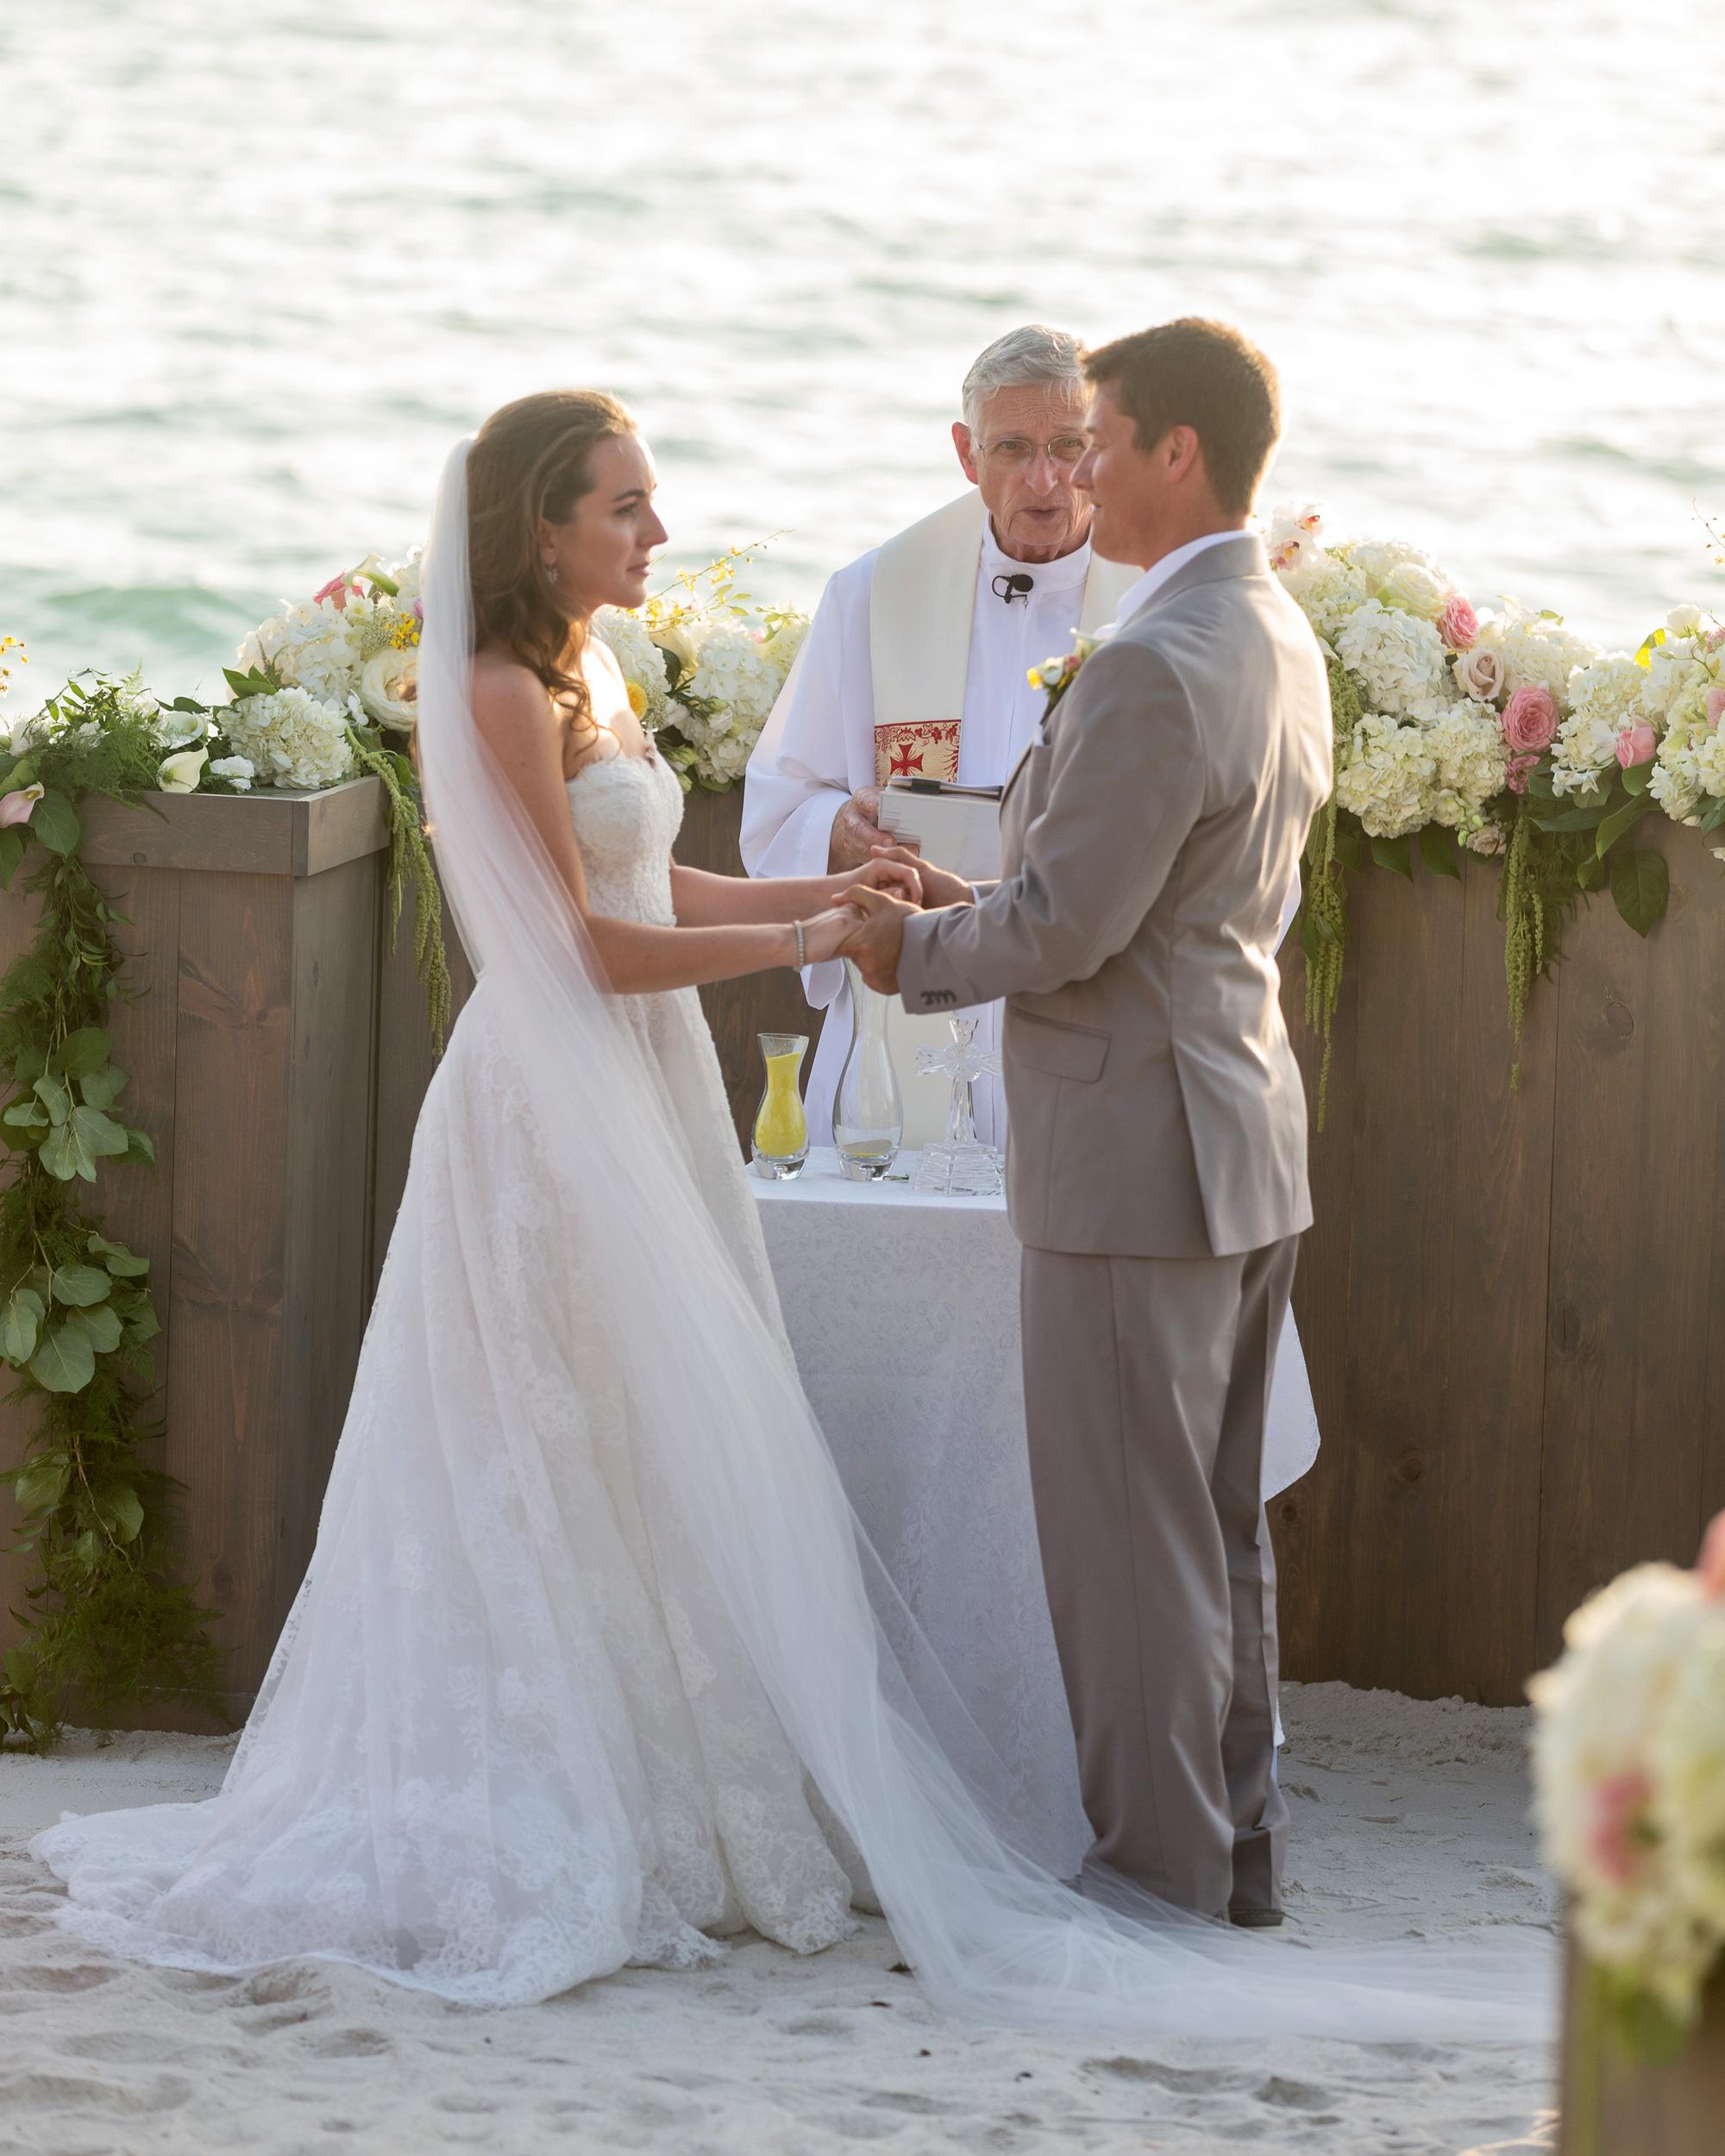 erin-ryan-florida-wedding-couple-ceremony-0901-s113010-0516.jpg